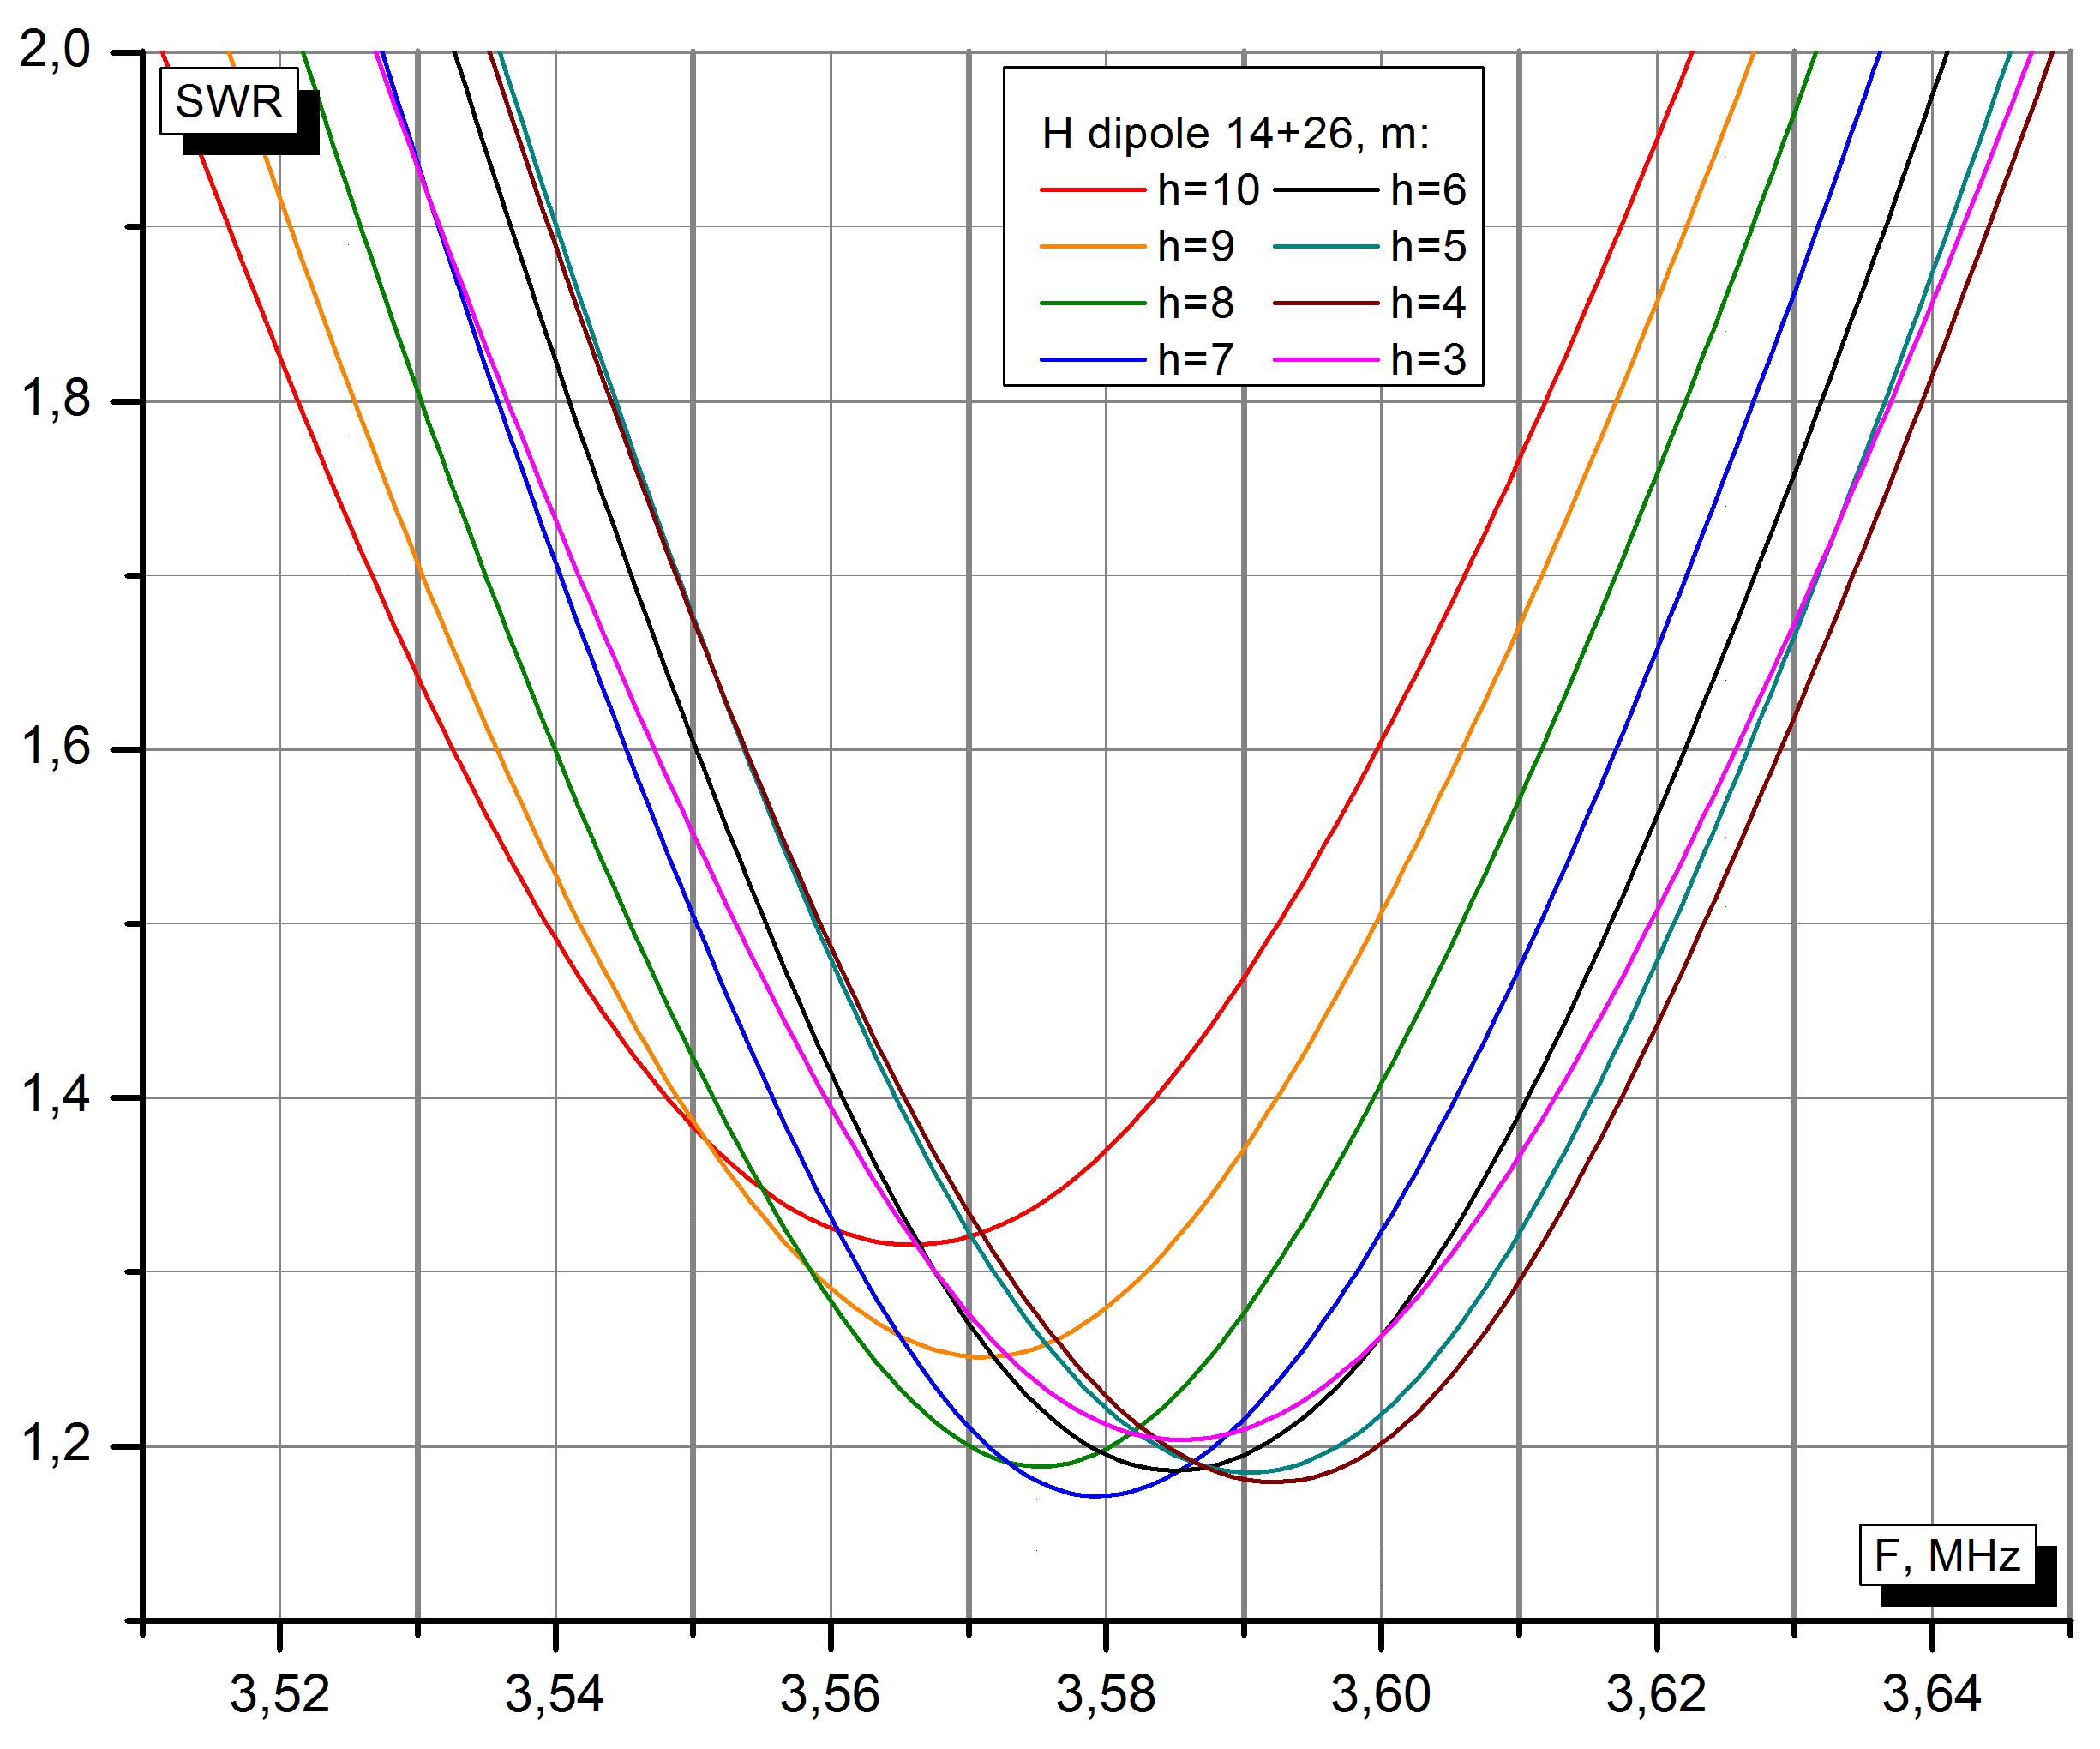 КСВ EndFed диполя вблизи частоты 3.581 МГц, подвешенного на разной высоте.